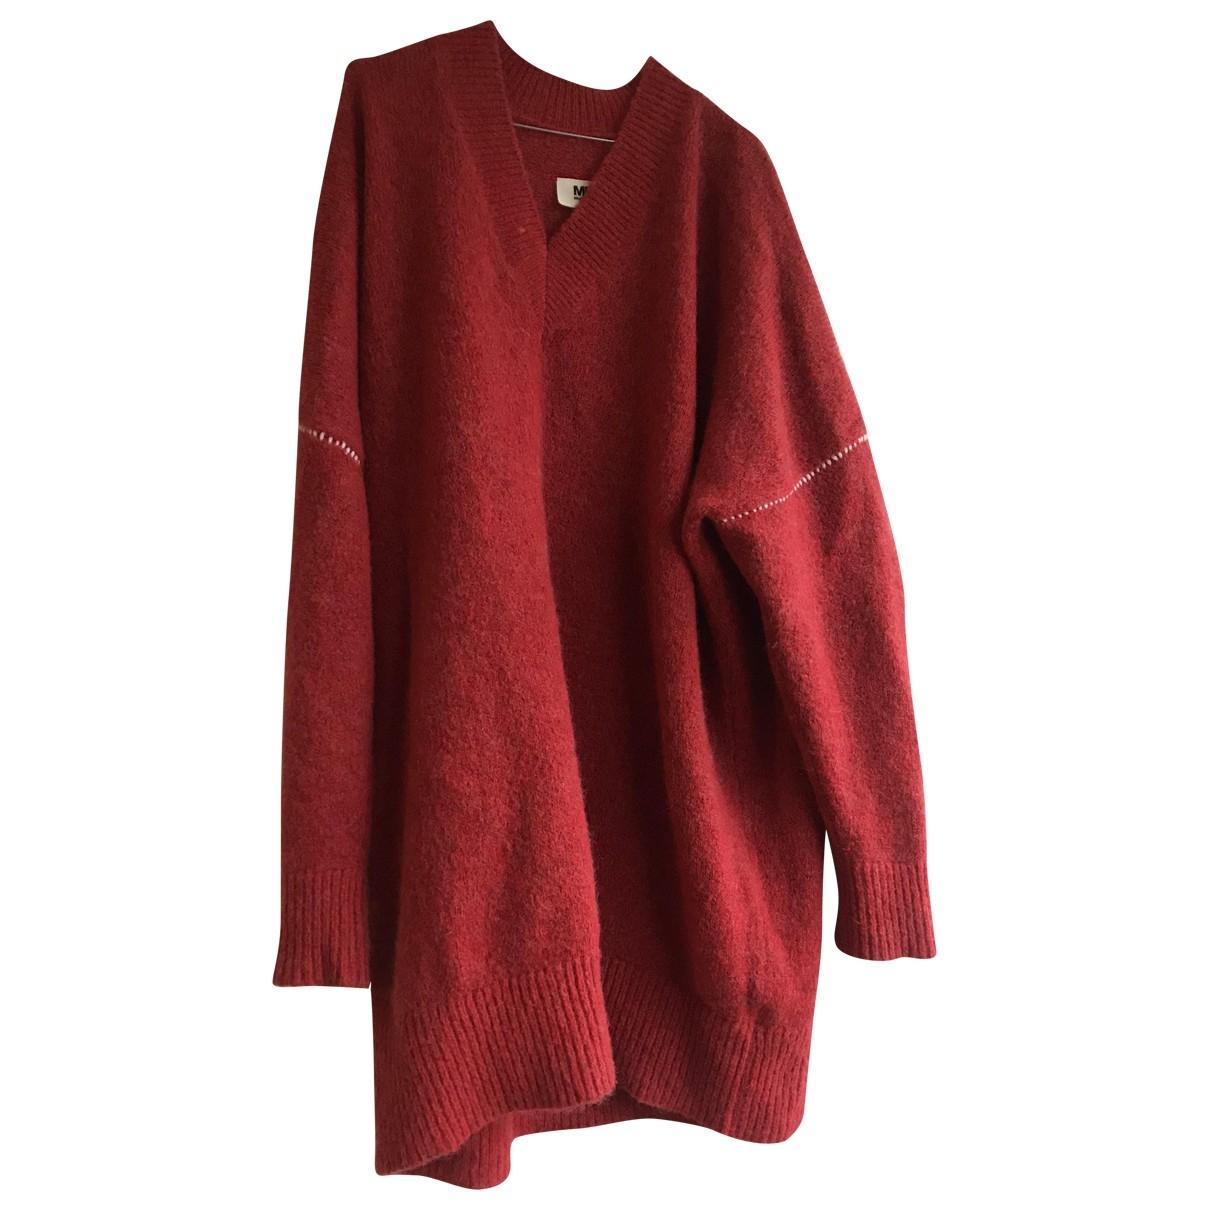 Mm6 \N Red Wool Knitwear for Women M International